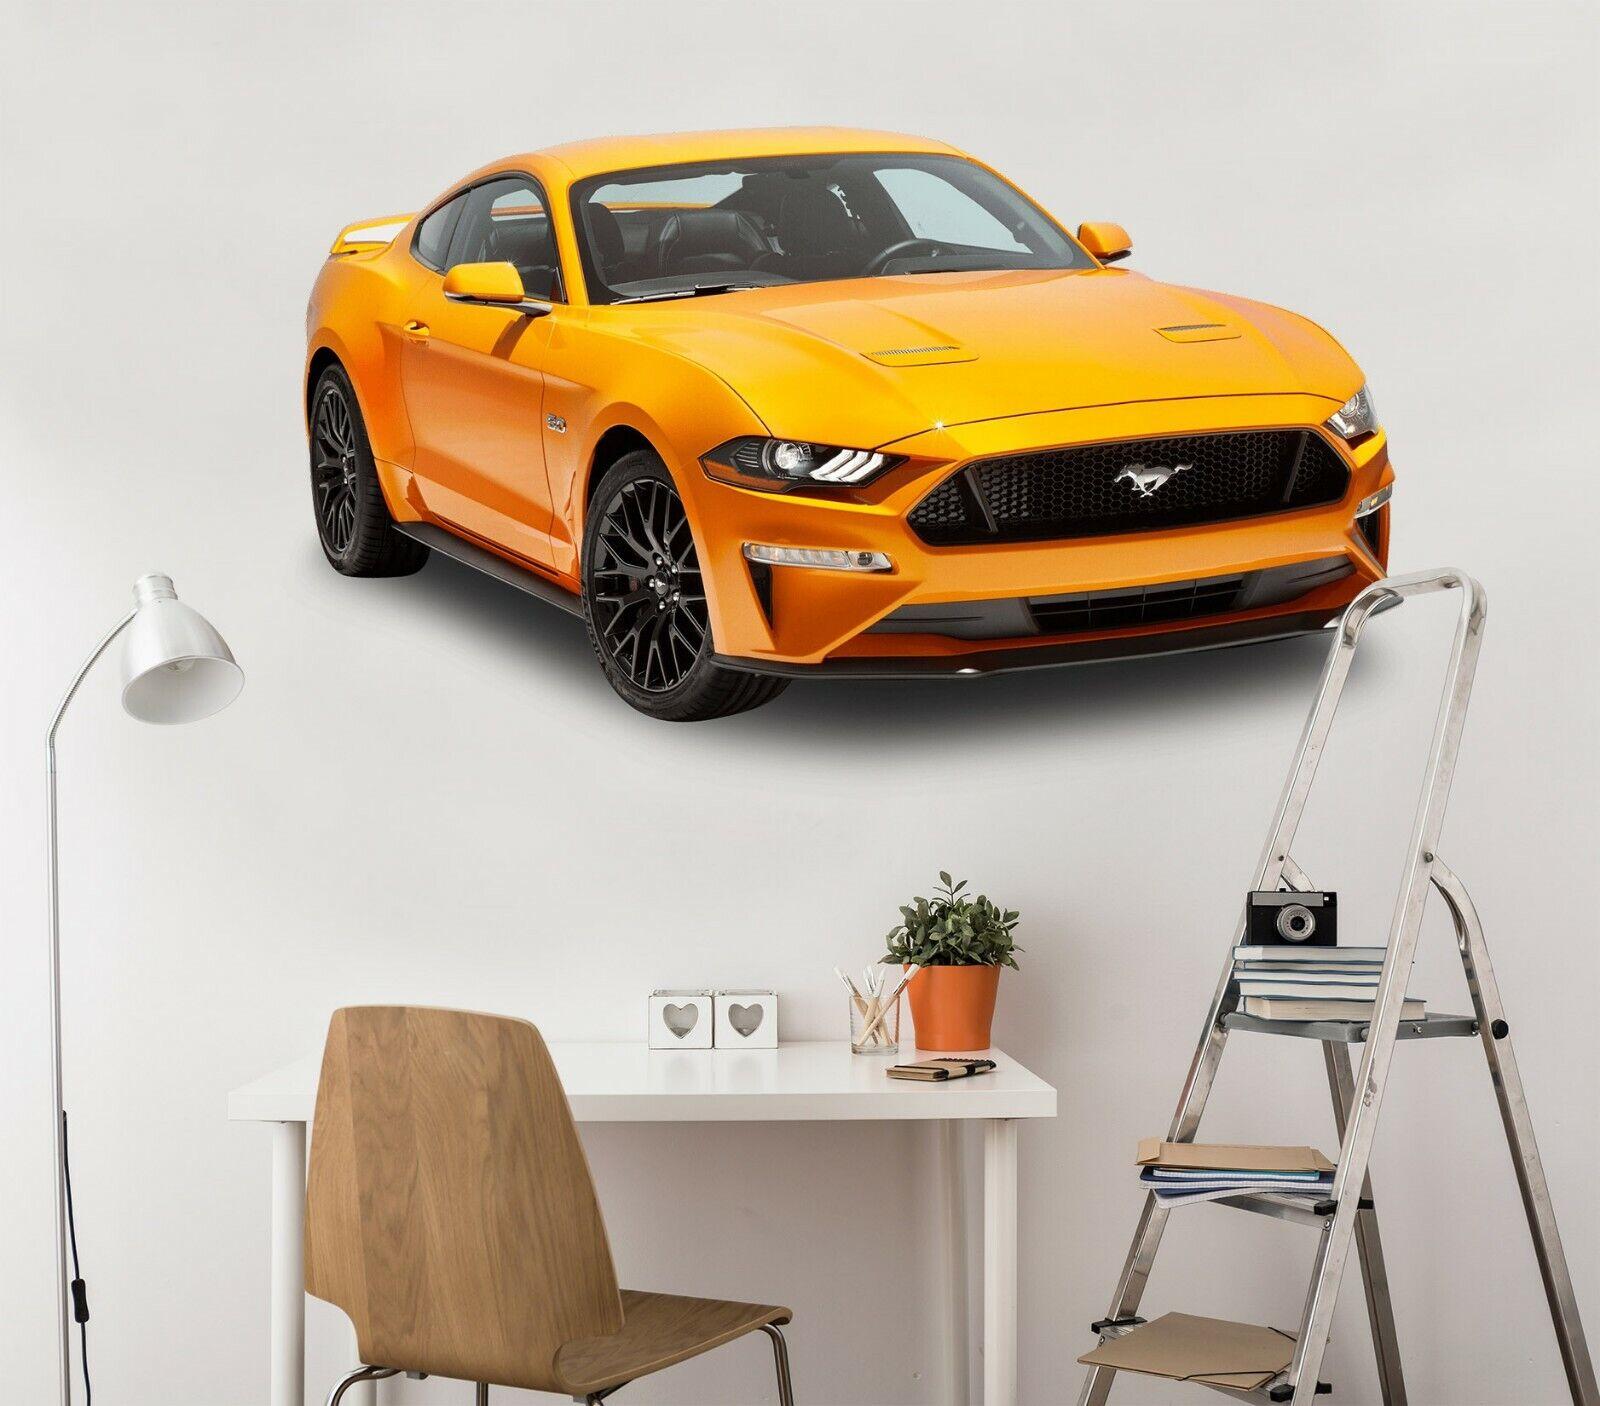 3D Ford Mustang C221 Auto Wallpaper Wandbild Poster Transport Wandaufkleber Wend